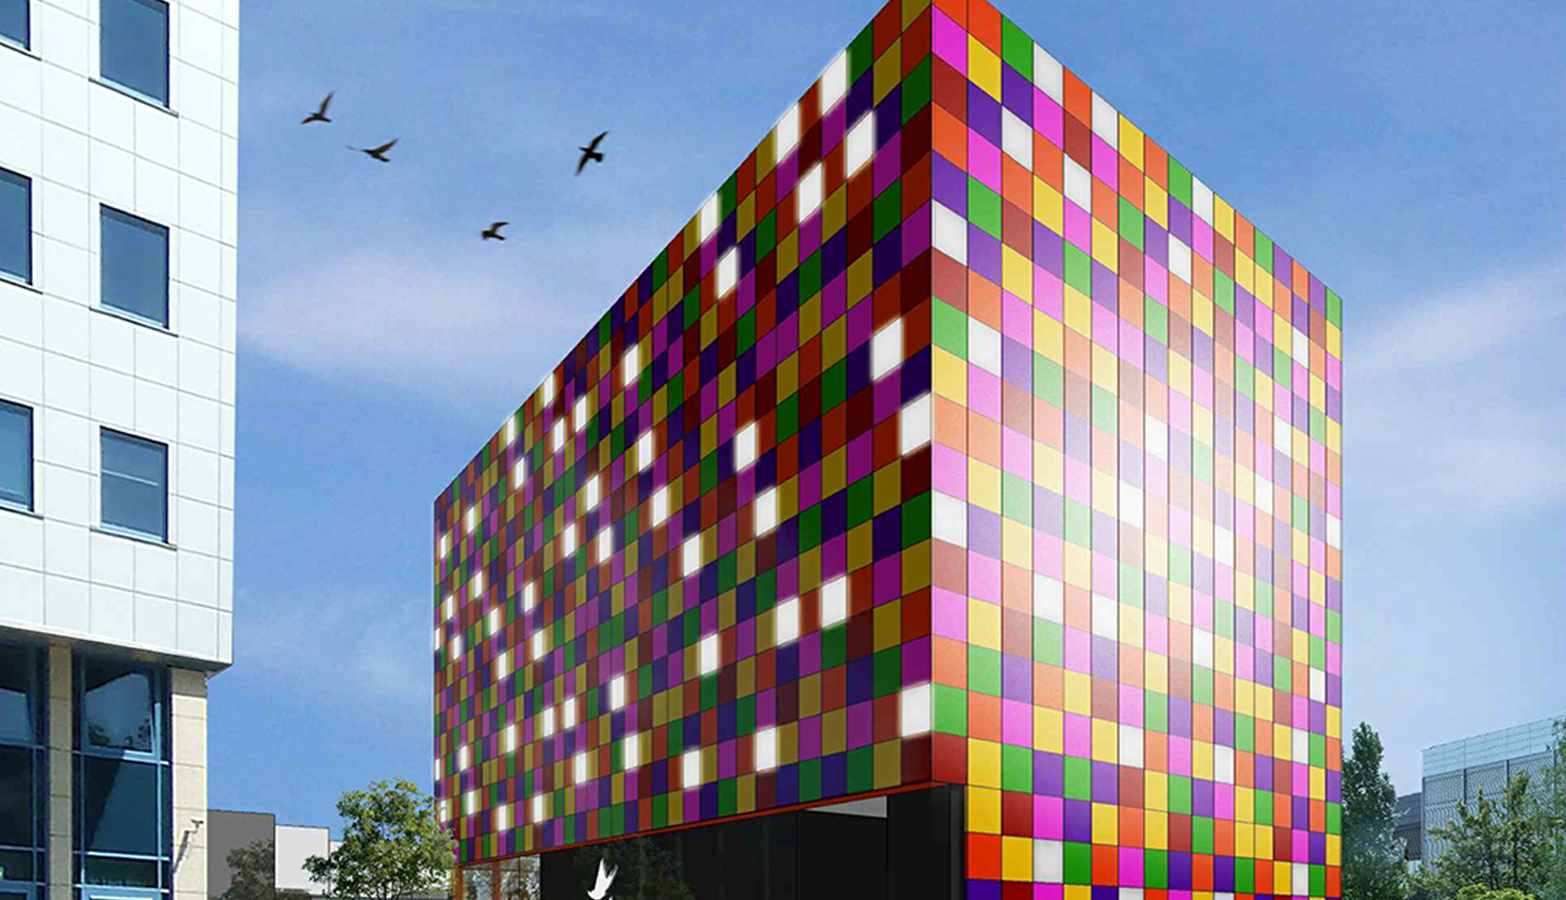 Adgar Poland planuje budowę Data Center na Biznesowym Mokotowie